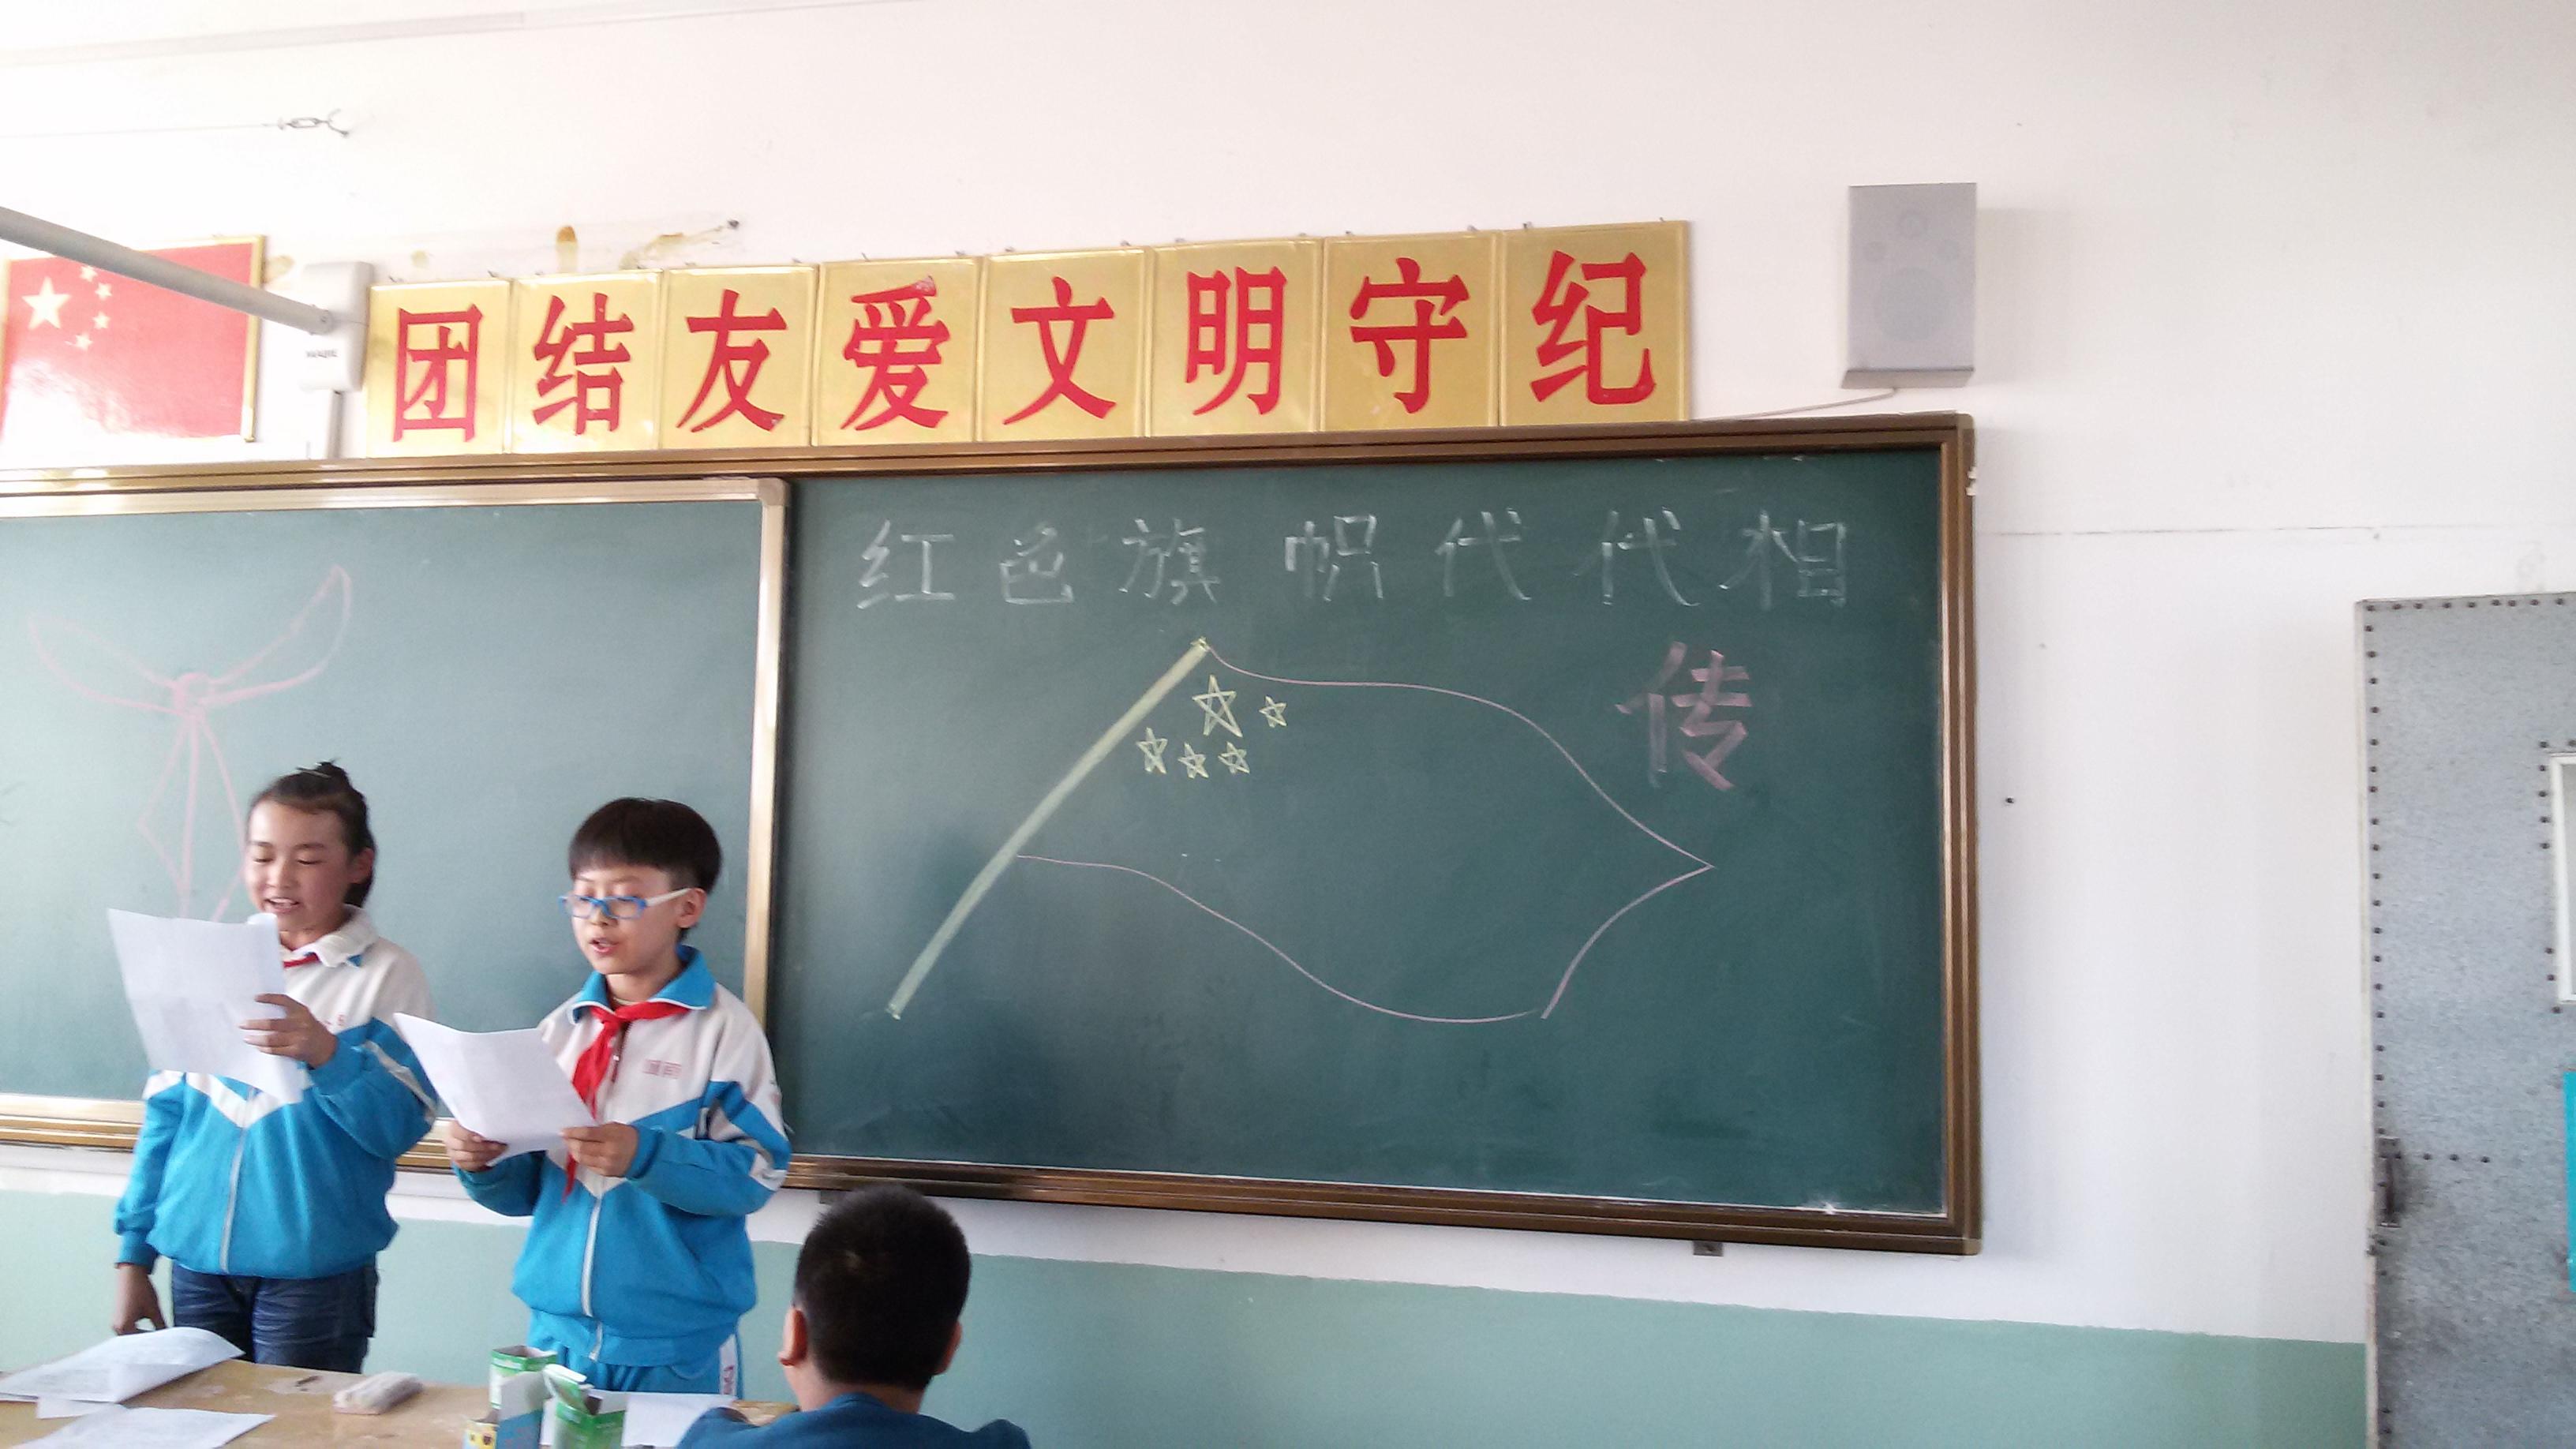 交城县城南队员追梦正在的作文们小学举行红2015中队小学生v队员图片